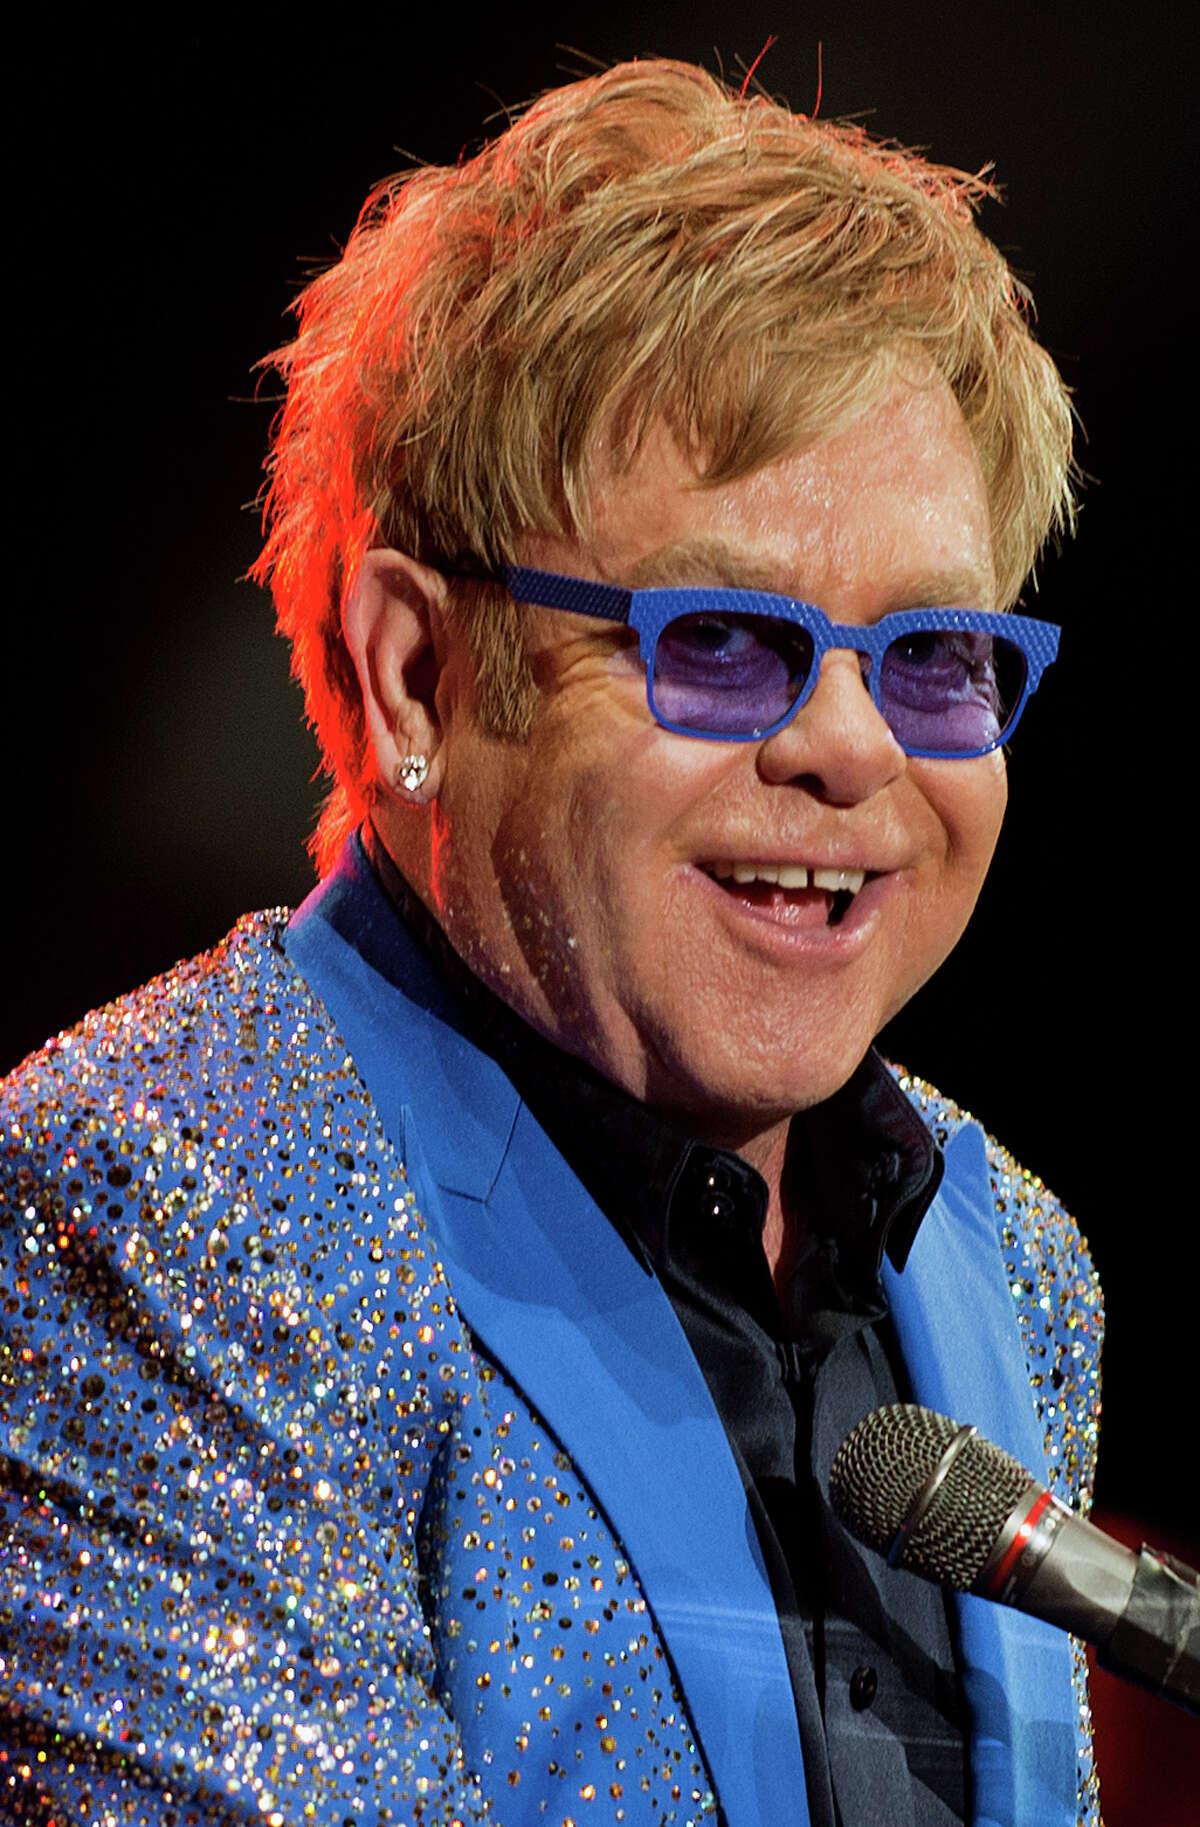 Sir Elton John told the